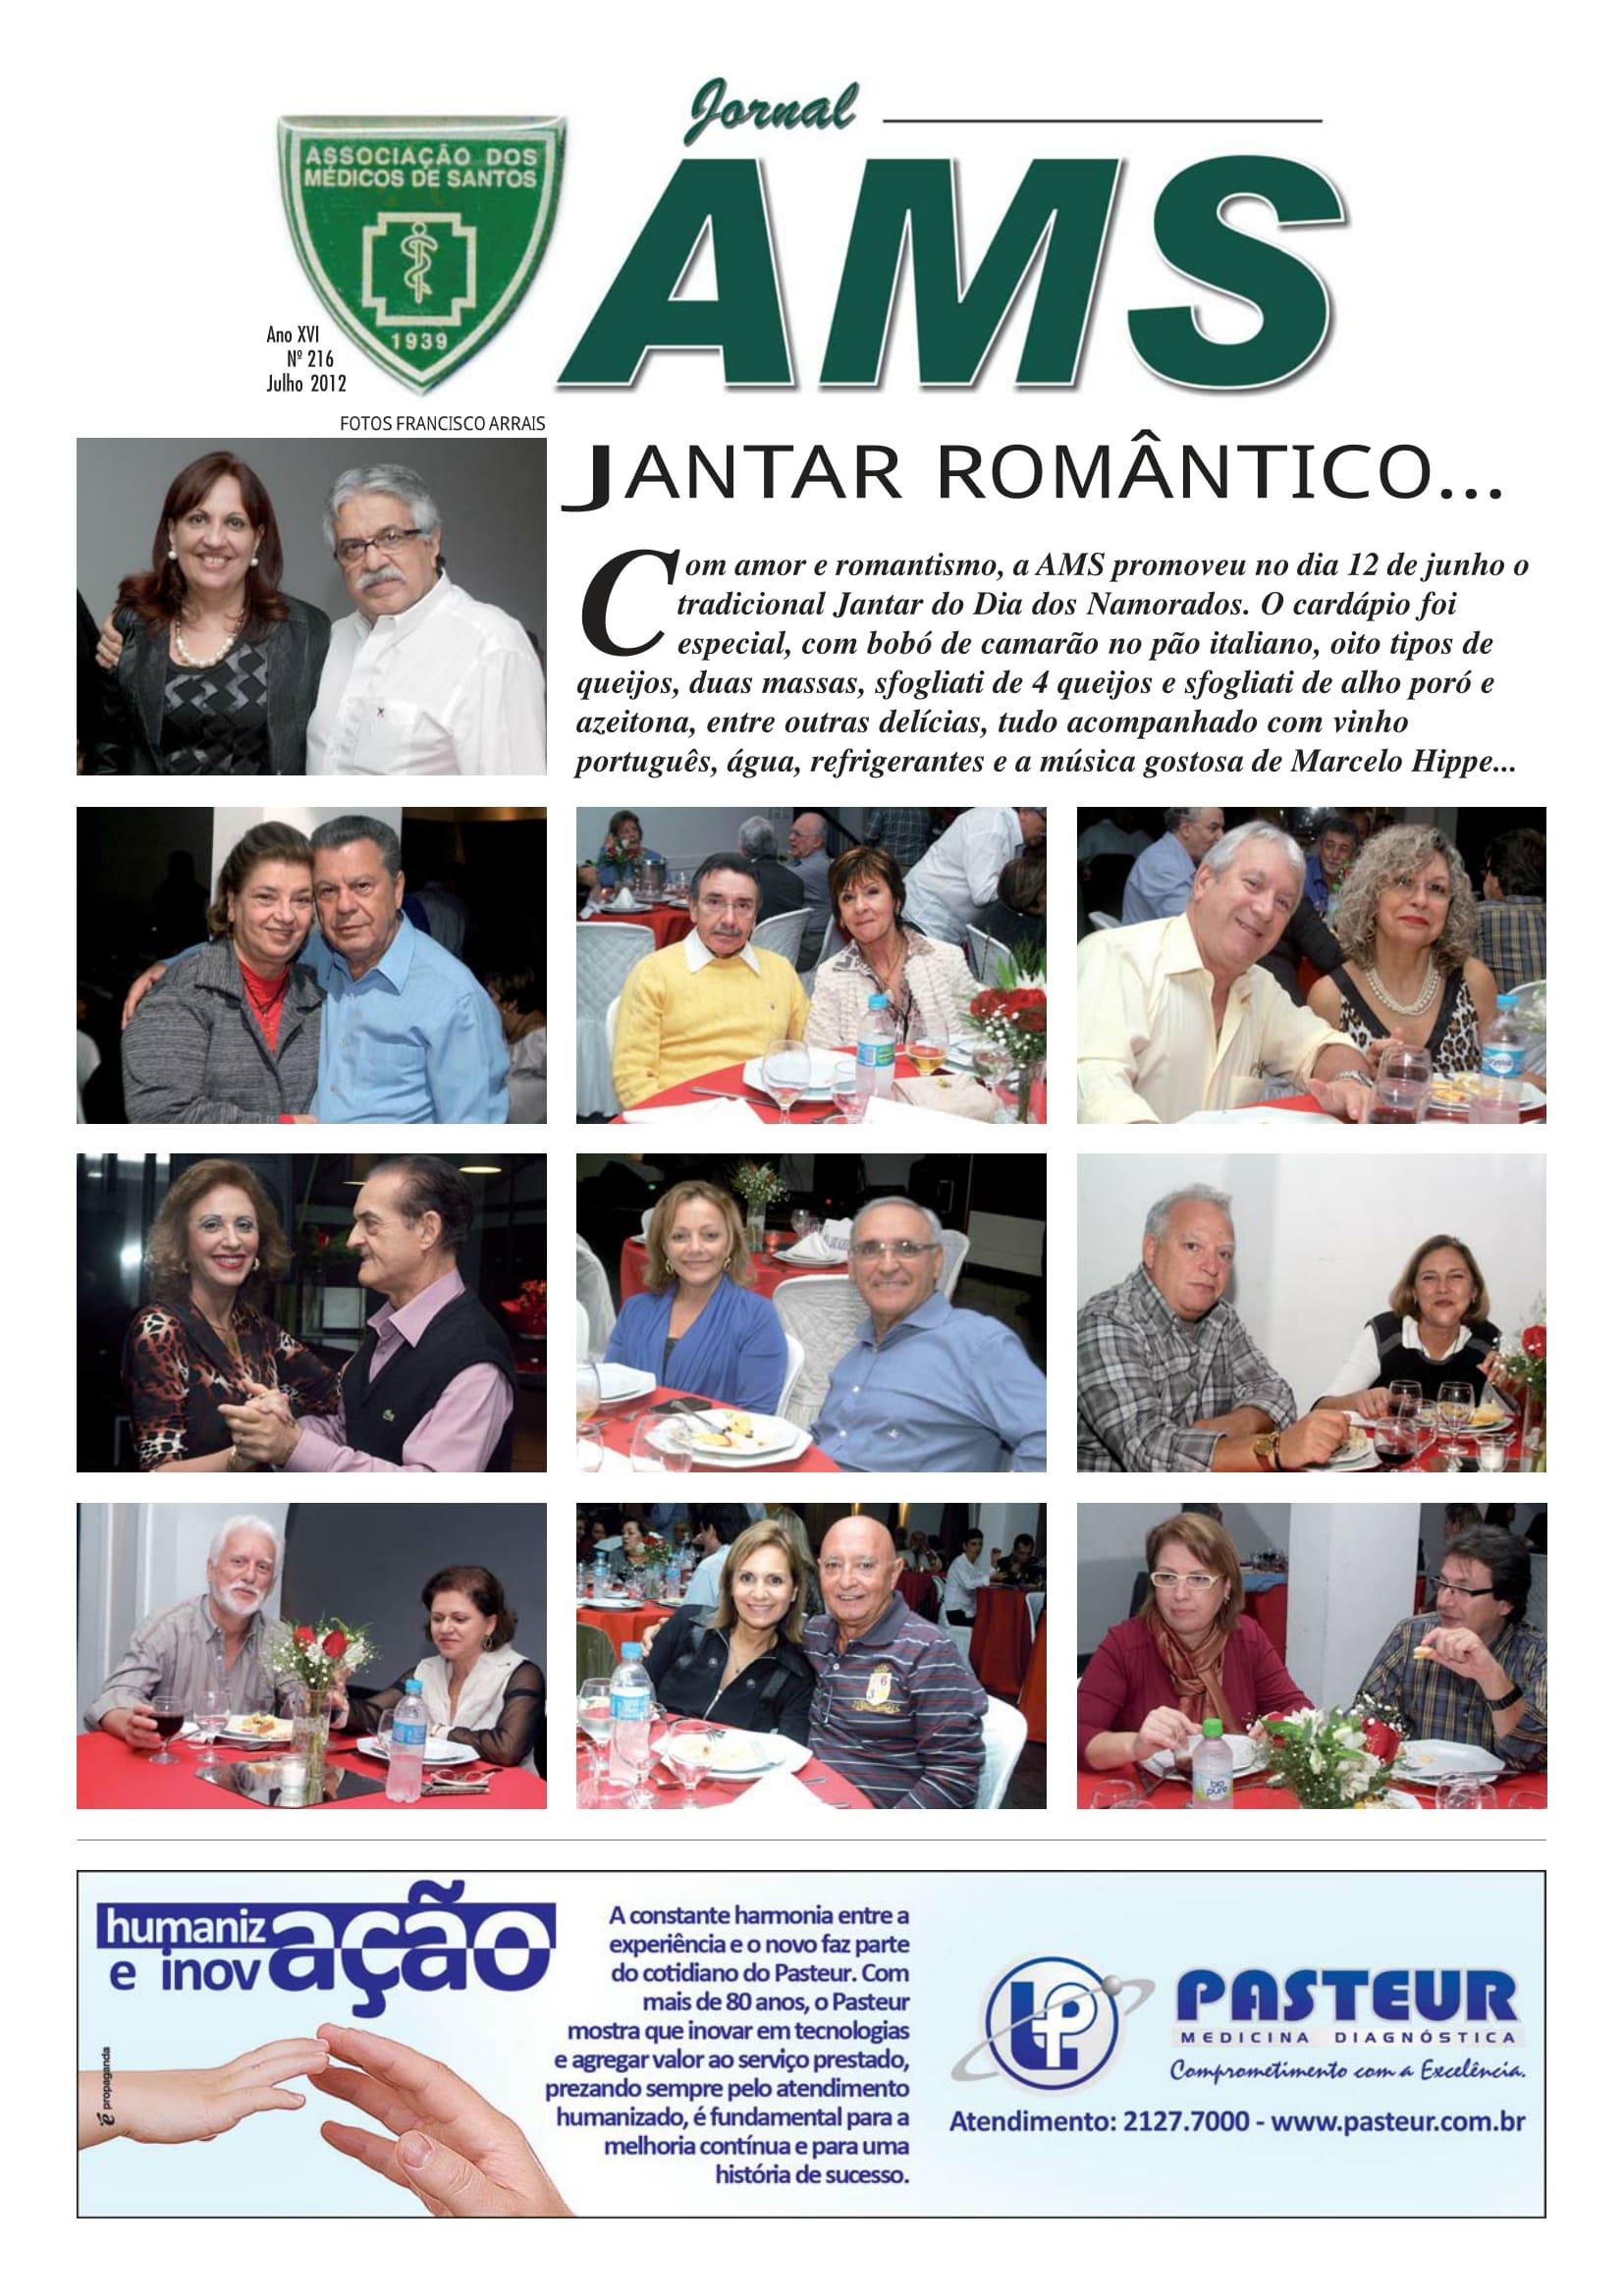 Nº 216 Julho 2012